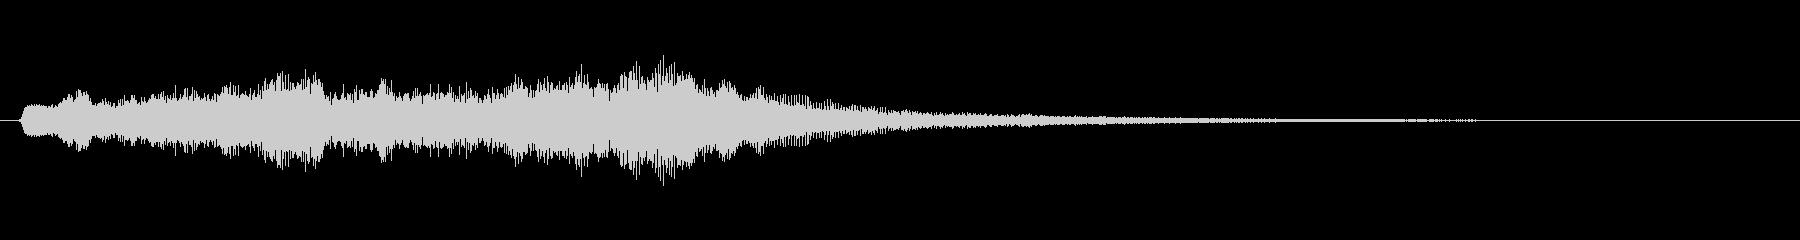 生演奏リコーダーでドレミの音起動音風の未再生の波形